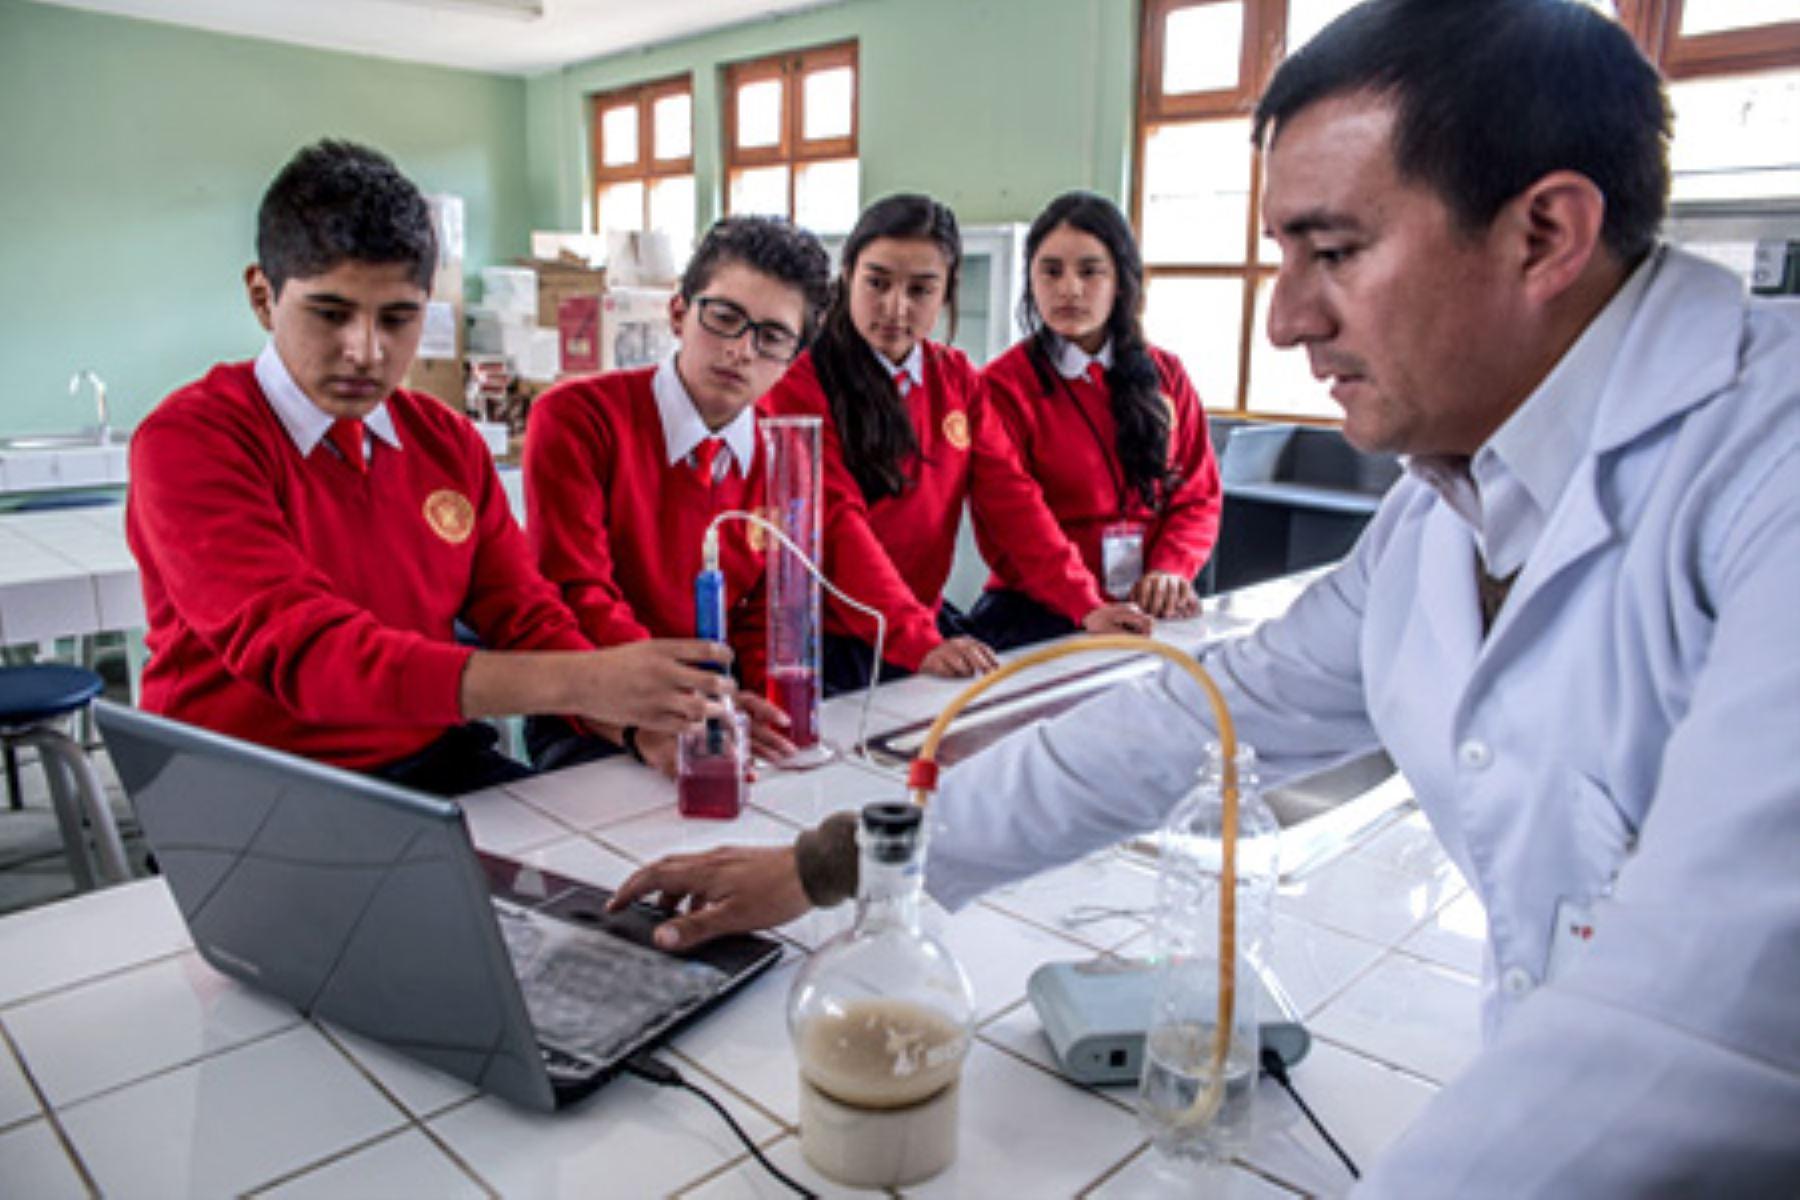 Los 25 COAR a nivel nacional atienden a escolares de desempeño sobresaliente de tercero, cuarto y quinto de secundaria, en la modalidad de residencia. Foto: Minedu